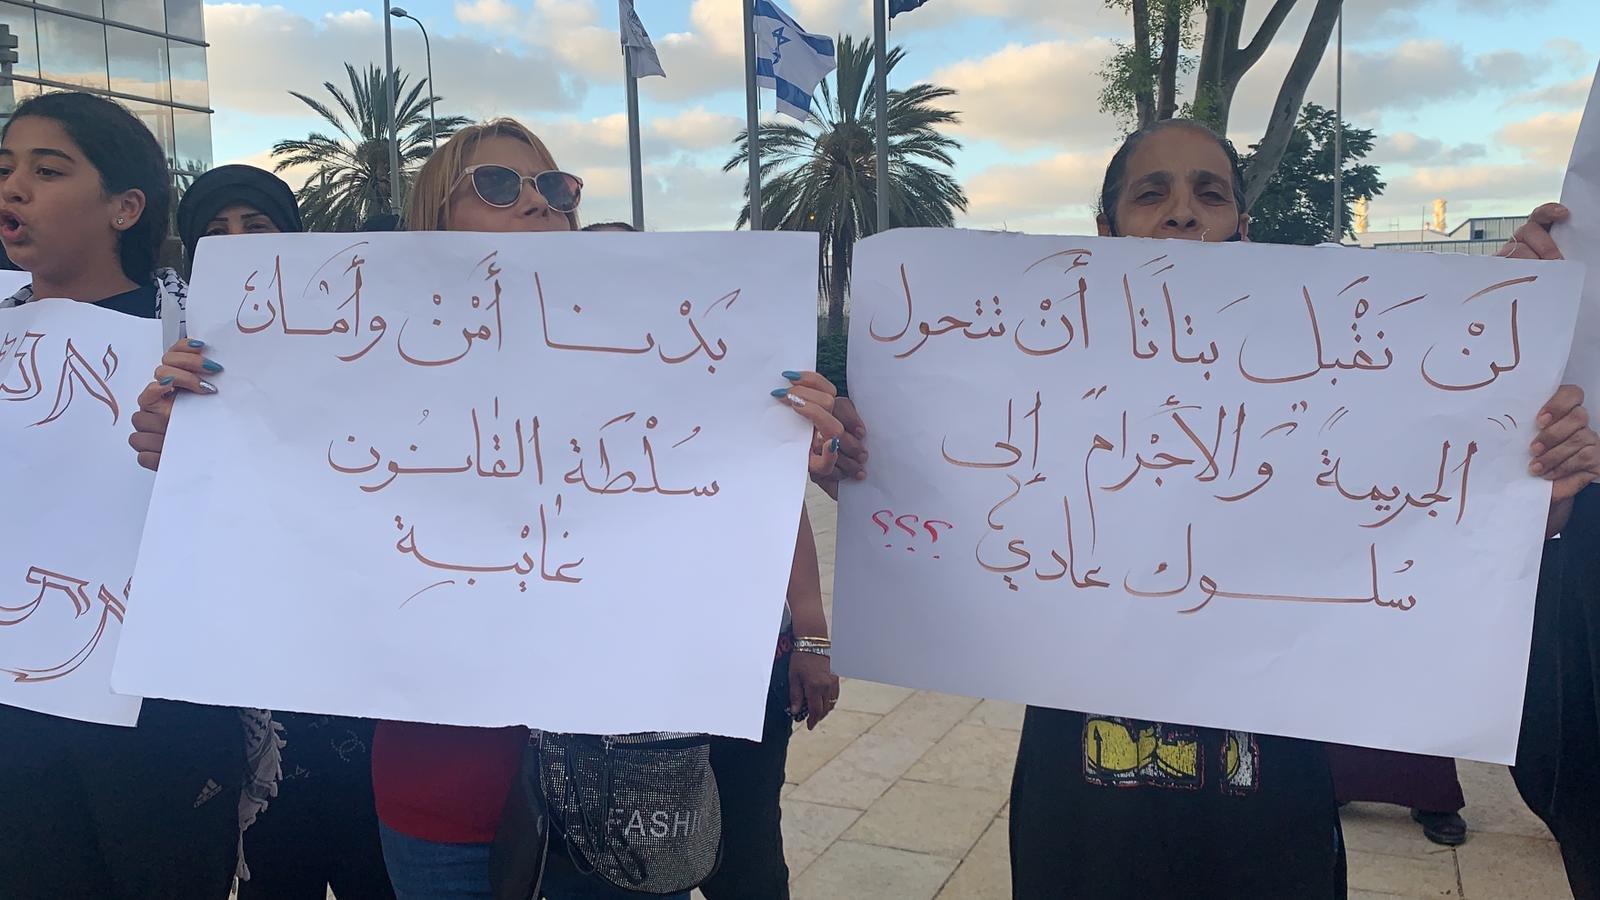 حيفا: صرخة ثانية على التوالي ضدّ القتل والاجرام في الحليصة